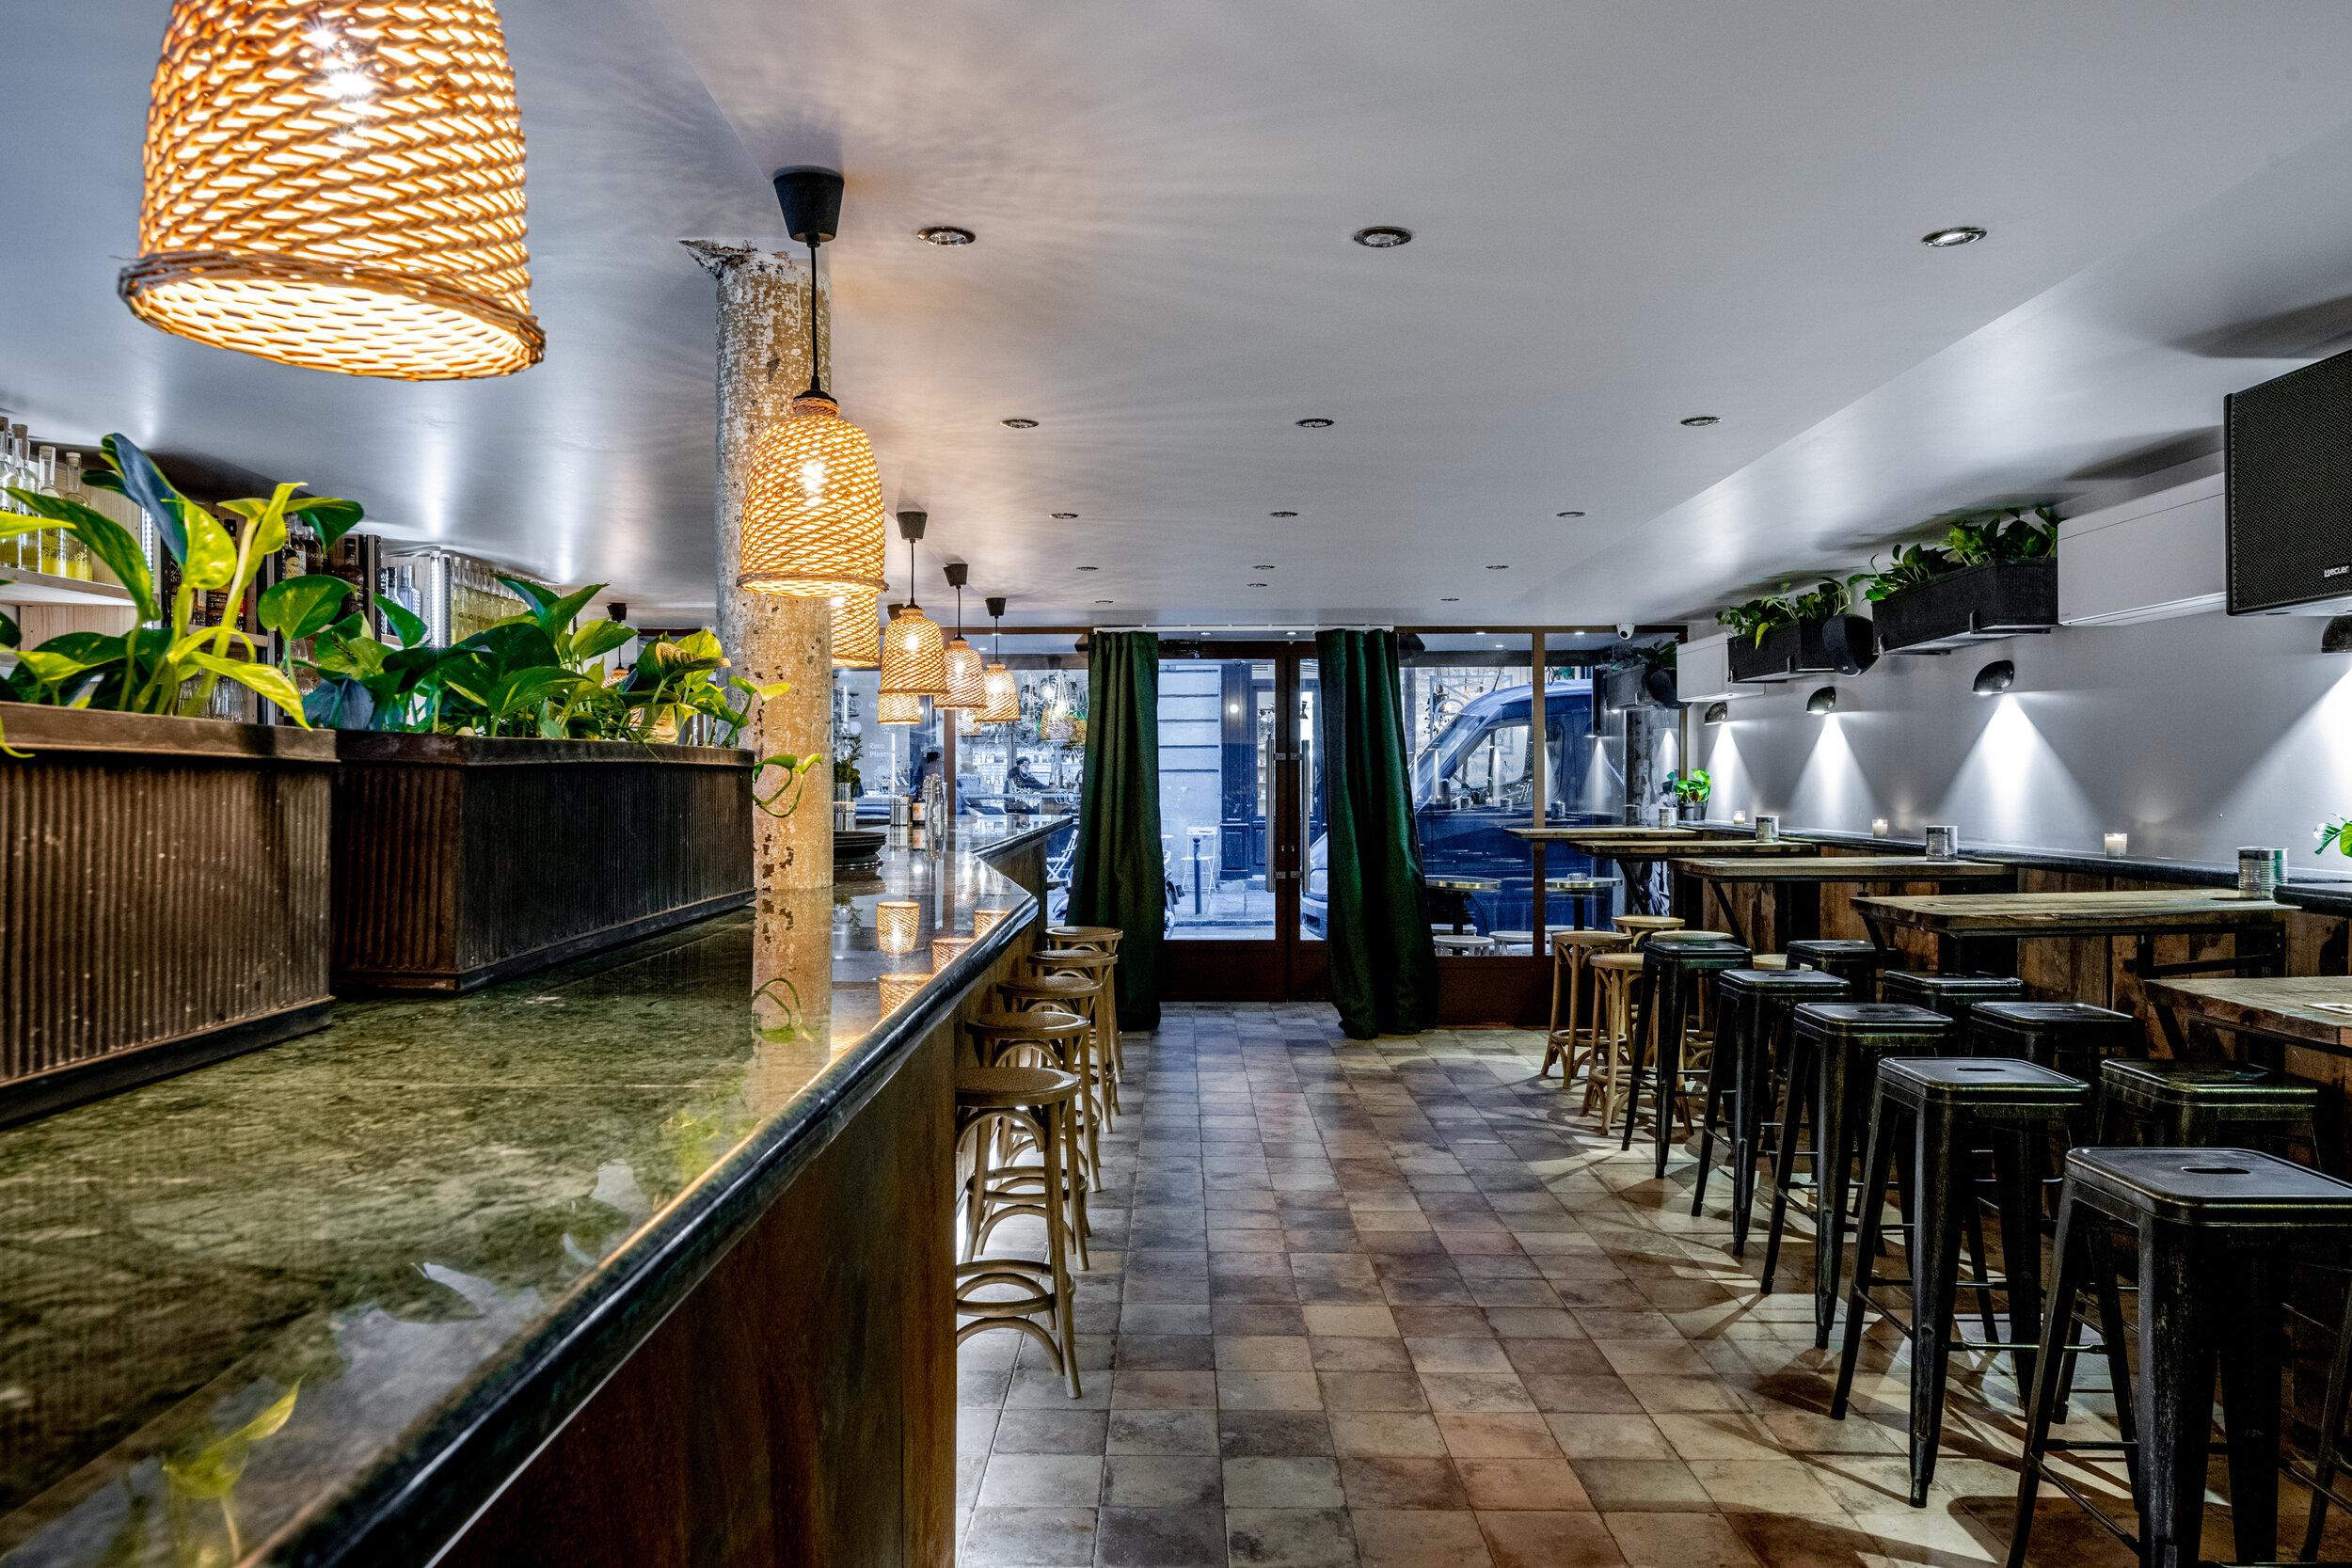 boteco comptoir restaurant resto bresilien brésilien paris republique 11e caipis caipirihnas pas cher paris bar bresilien